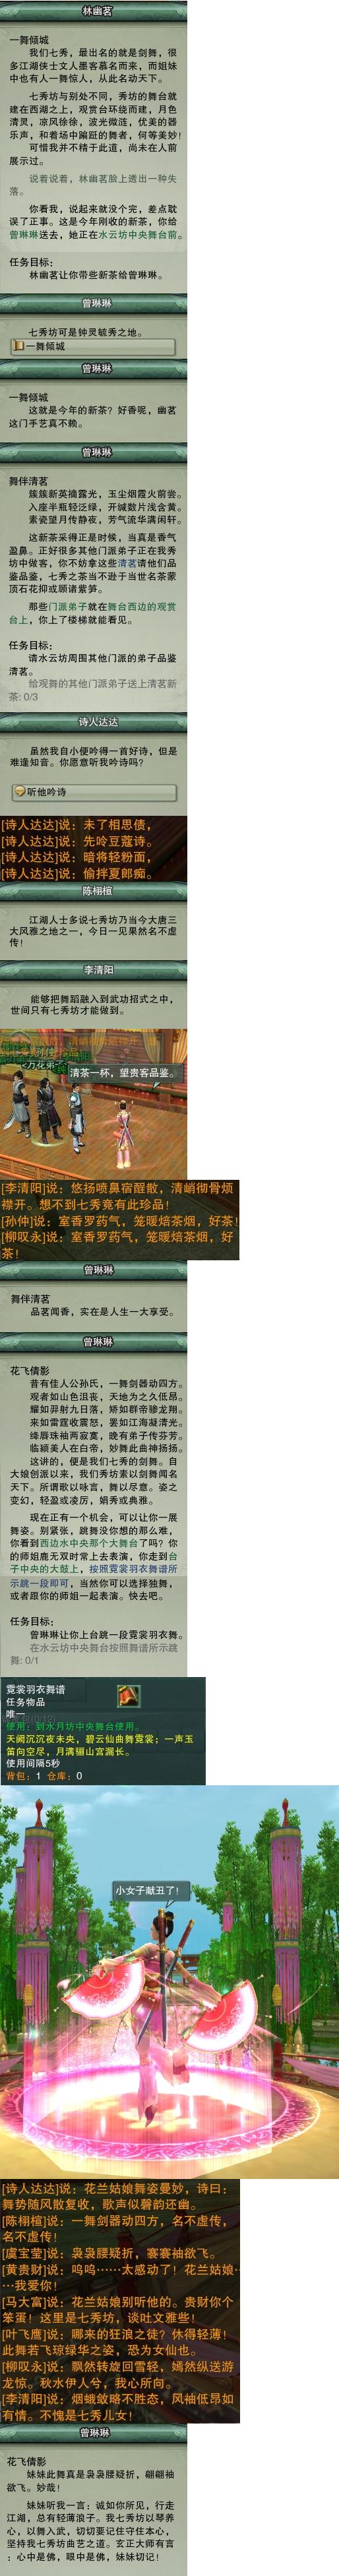 主线任务11 - 霓裳羽衣舞.jpg